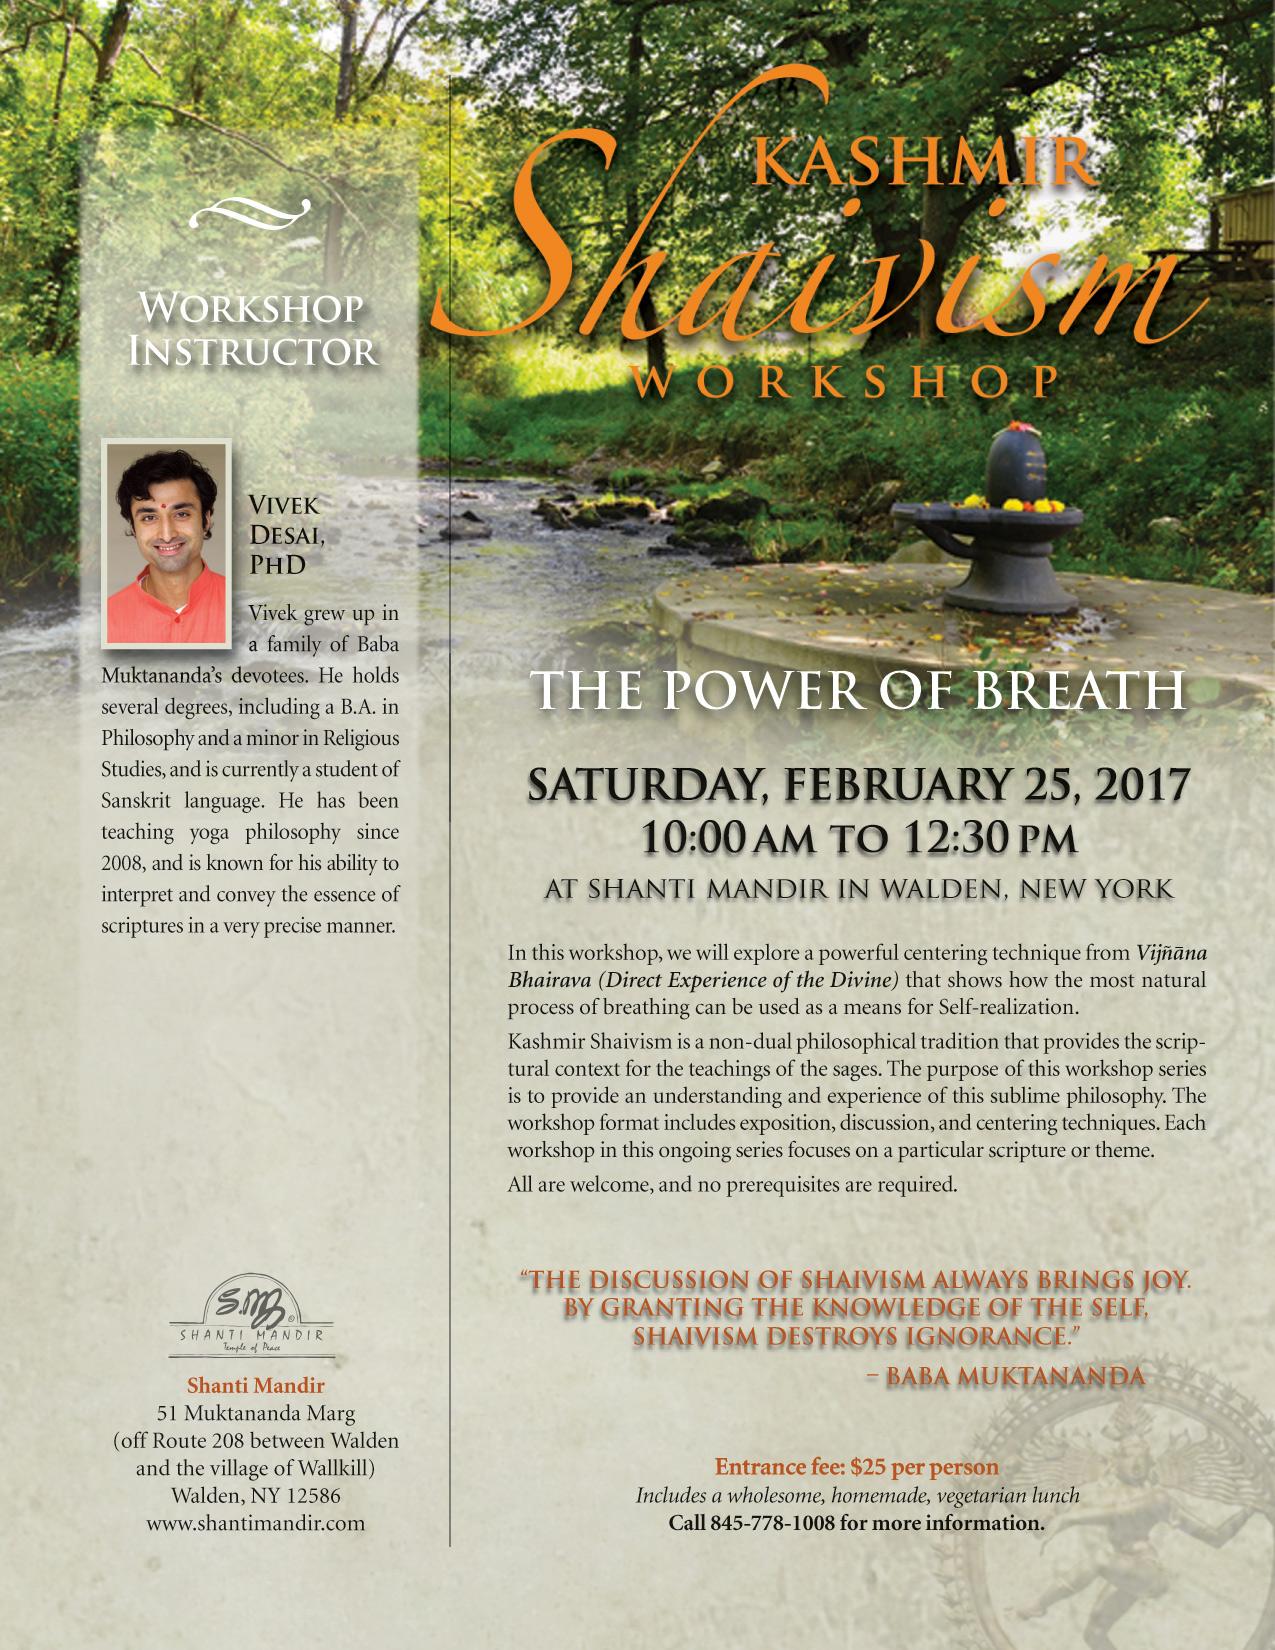 Kashmir Shaivism Workshop Flyer-Feb 2017